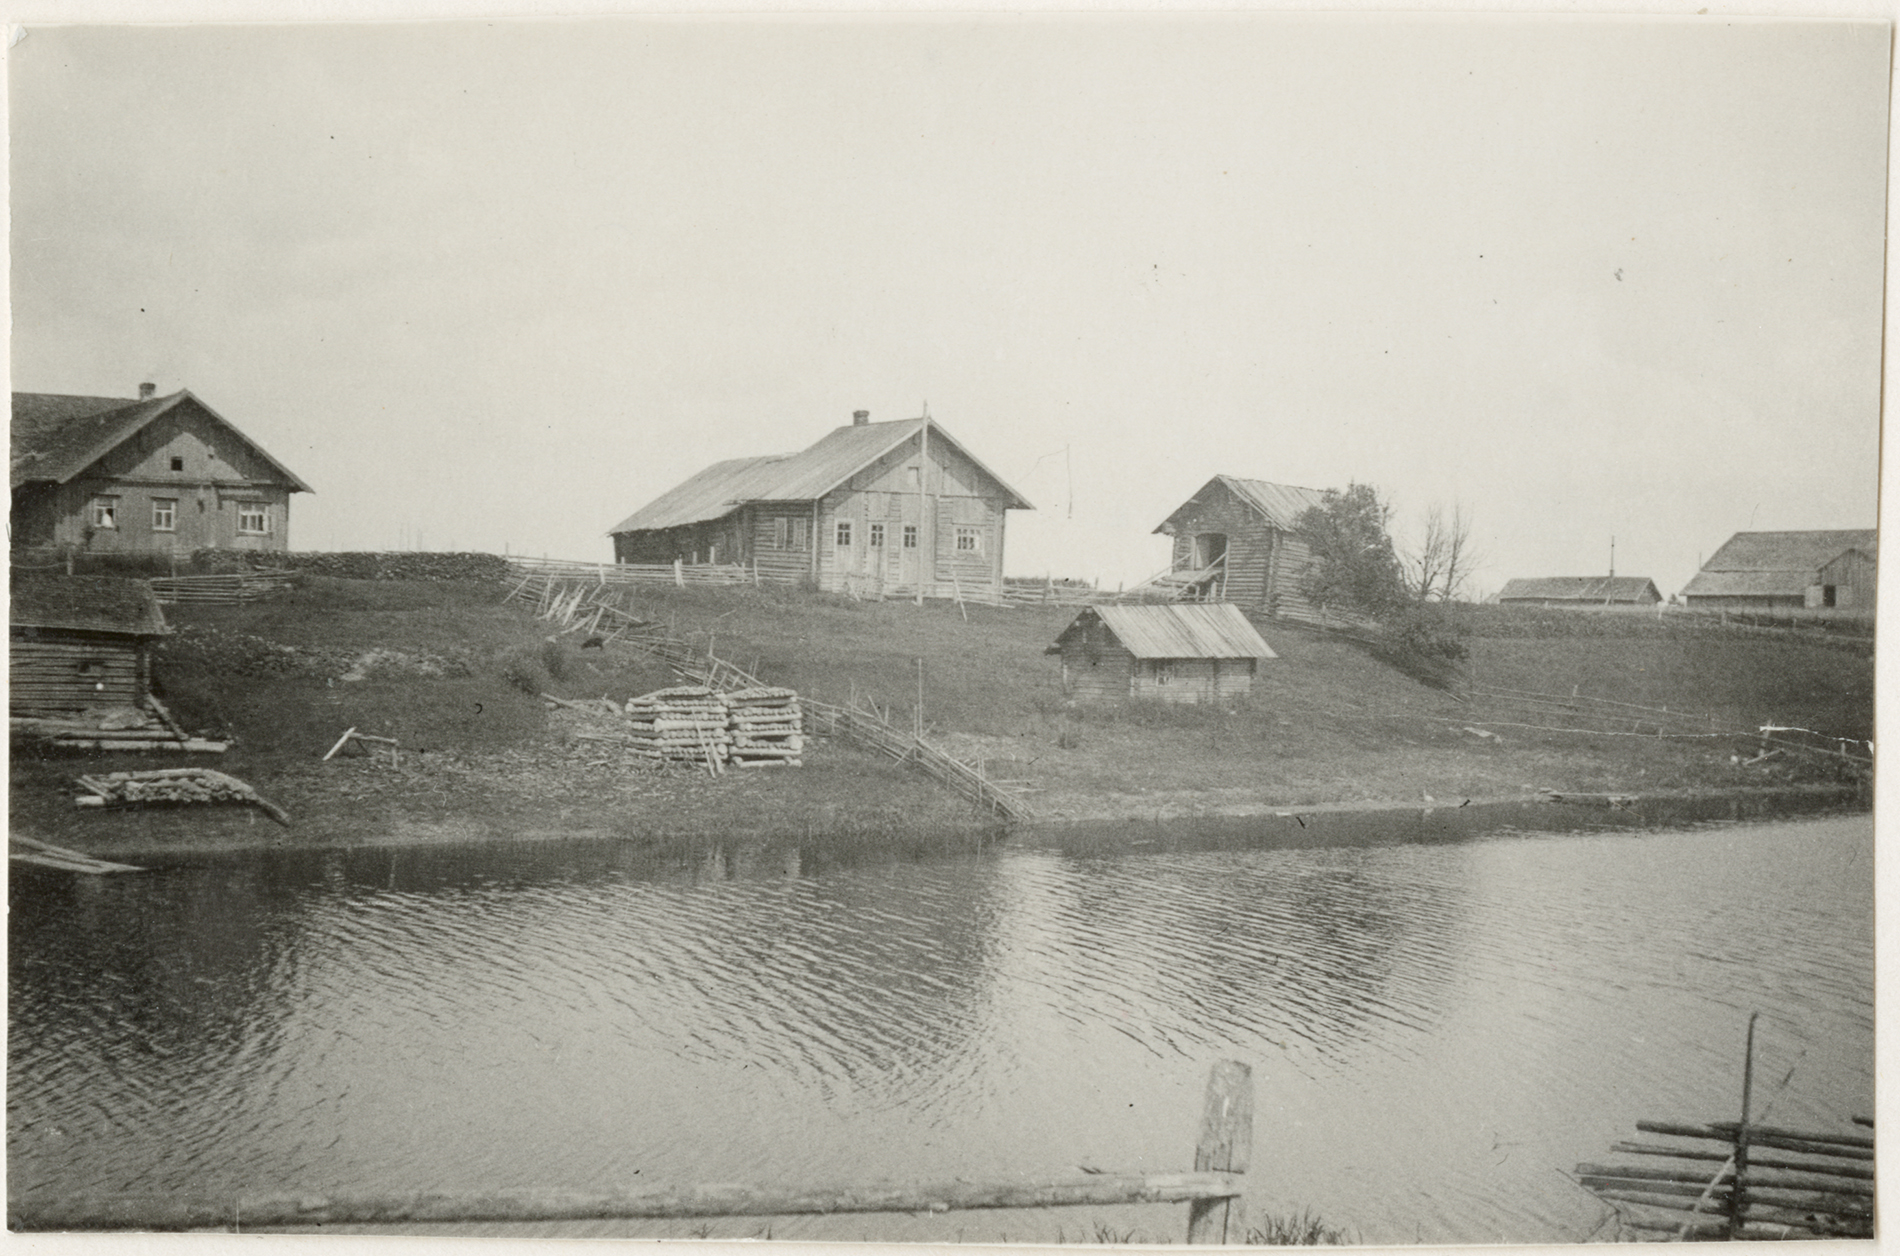 Salmi, Miinalan kylää joen varrella kuvattuna vuonna 1937. Kuva: Heikki T. Lehmusto.  SKS KRA.